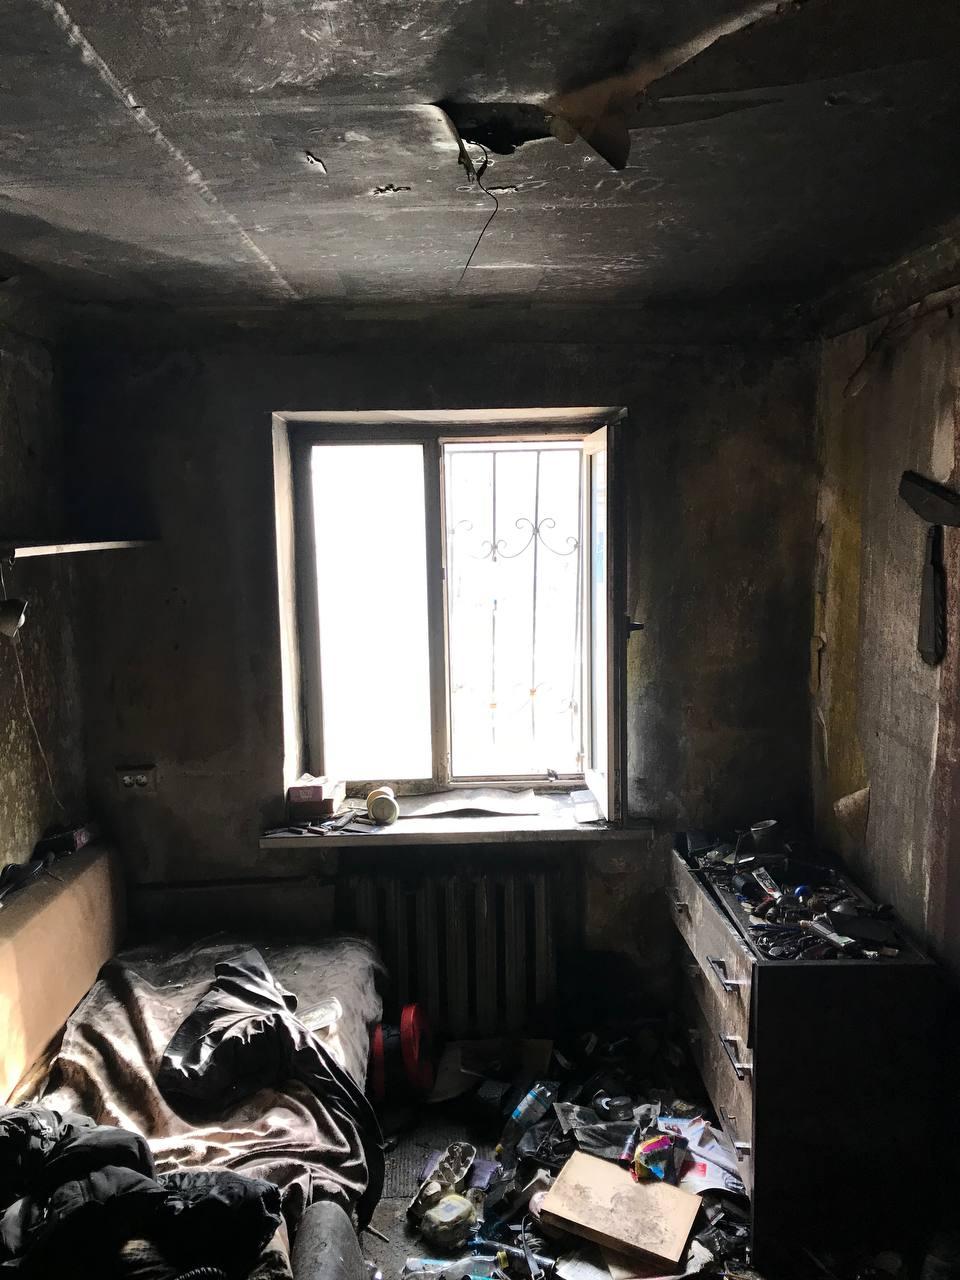 В сгоревшей квартире харьковской пятиэтажки нашли тело пенсионера (фото)